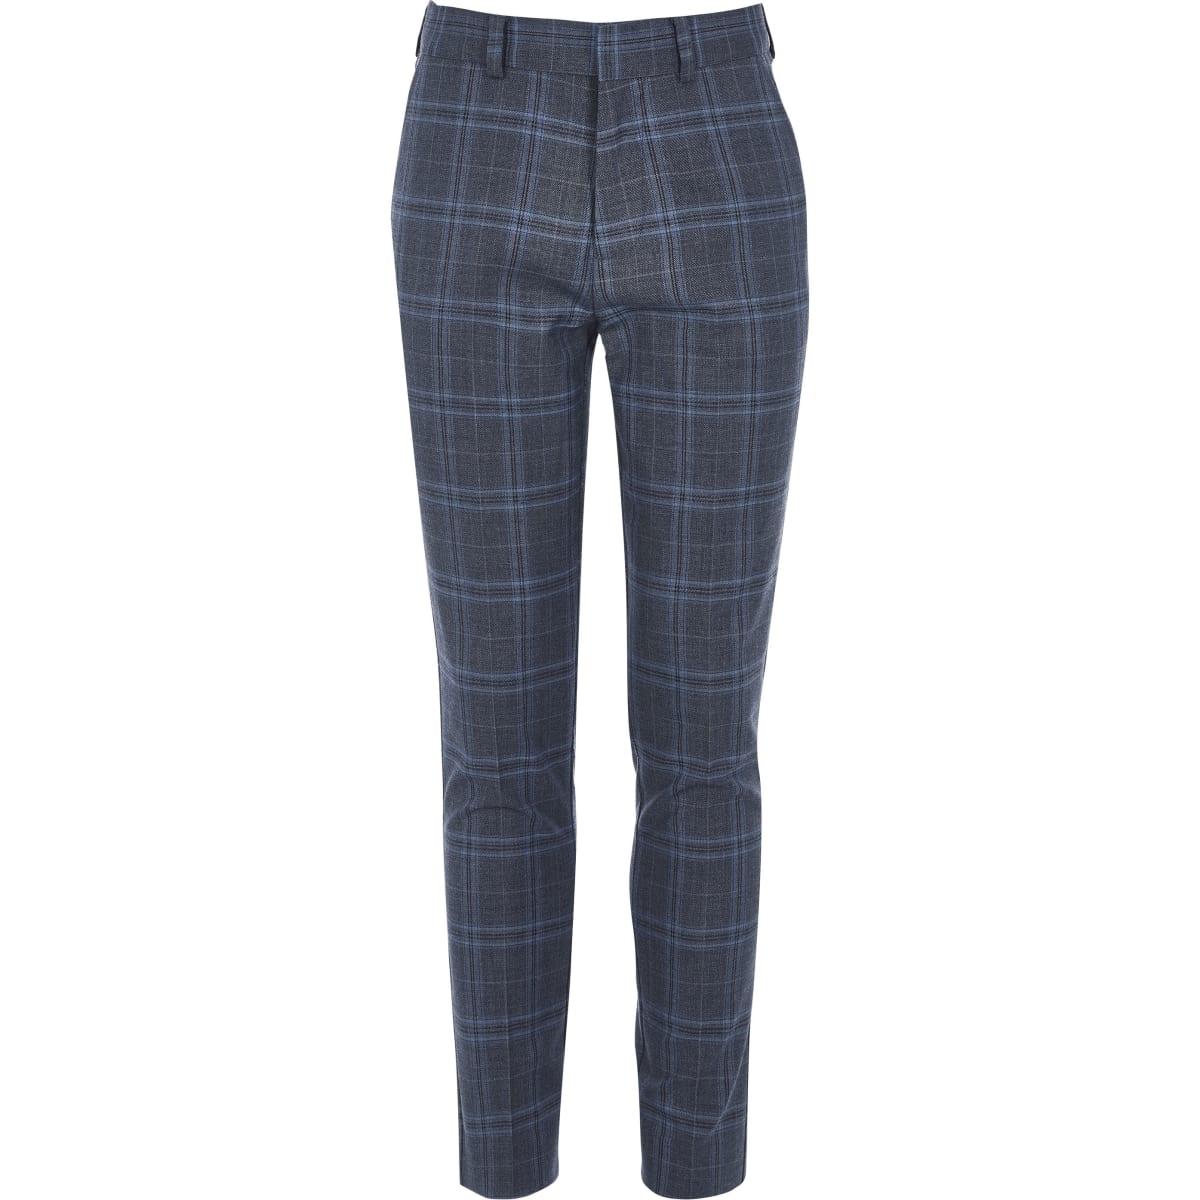 Blauwe geruite slim-fit pantalon voor jongens